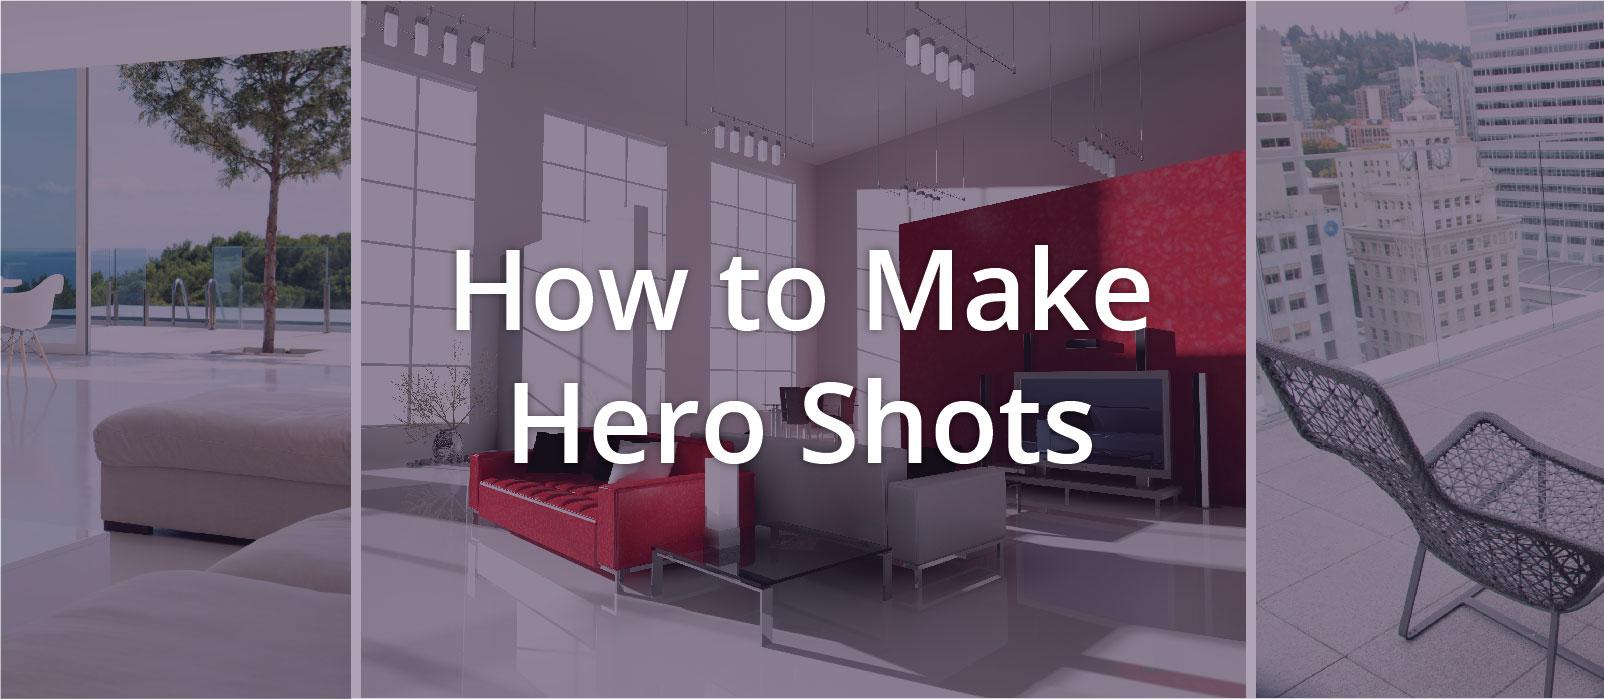 hero_shot_1.jpg